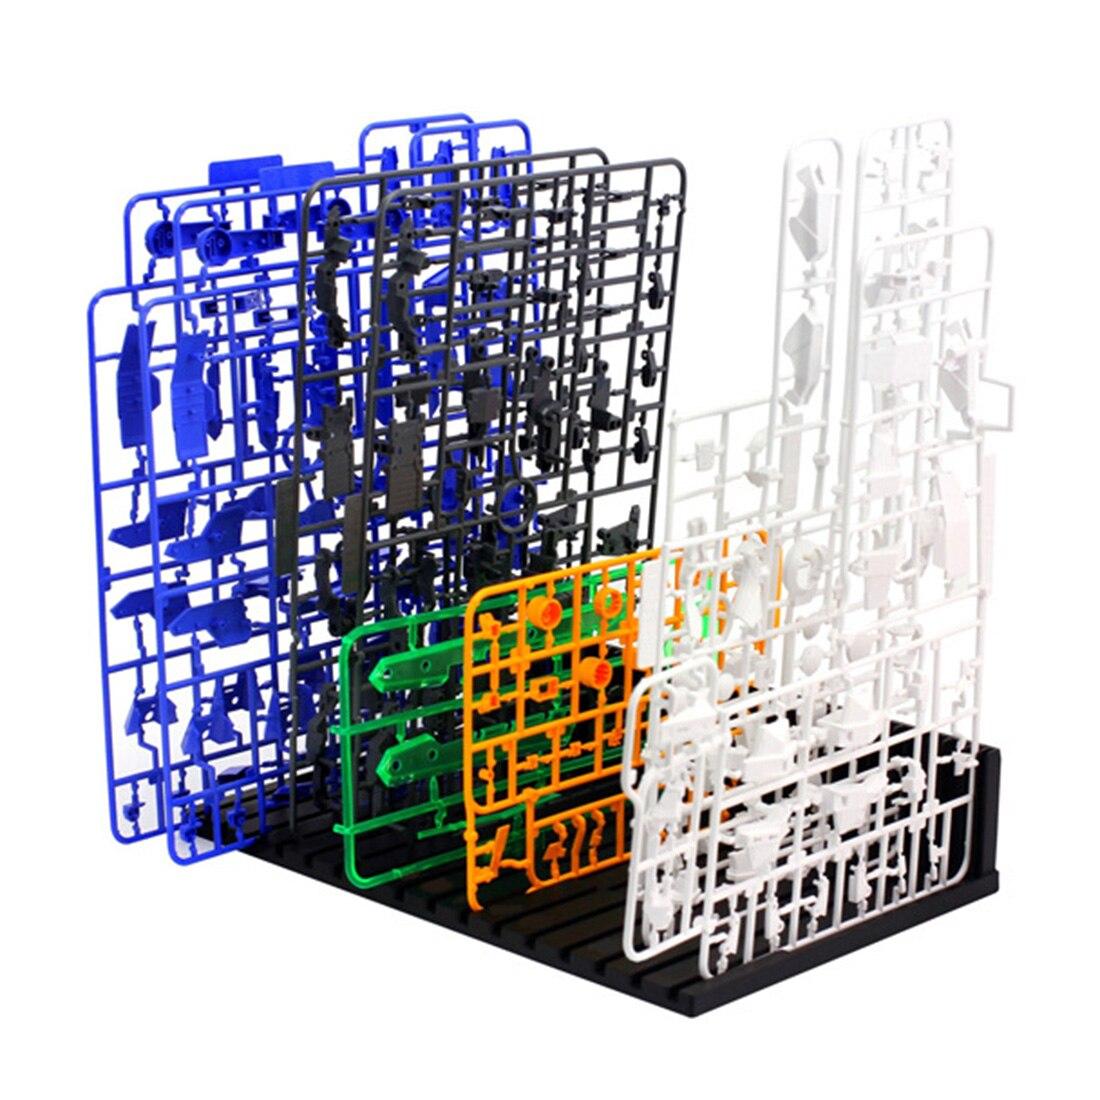 Para el modelo gundam, herramienta auxiliar, soporte de apoyo de VT-123, estante de inserción fácil, estante de pie, modelo, juegos de herramientas de construcción